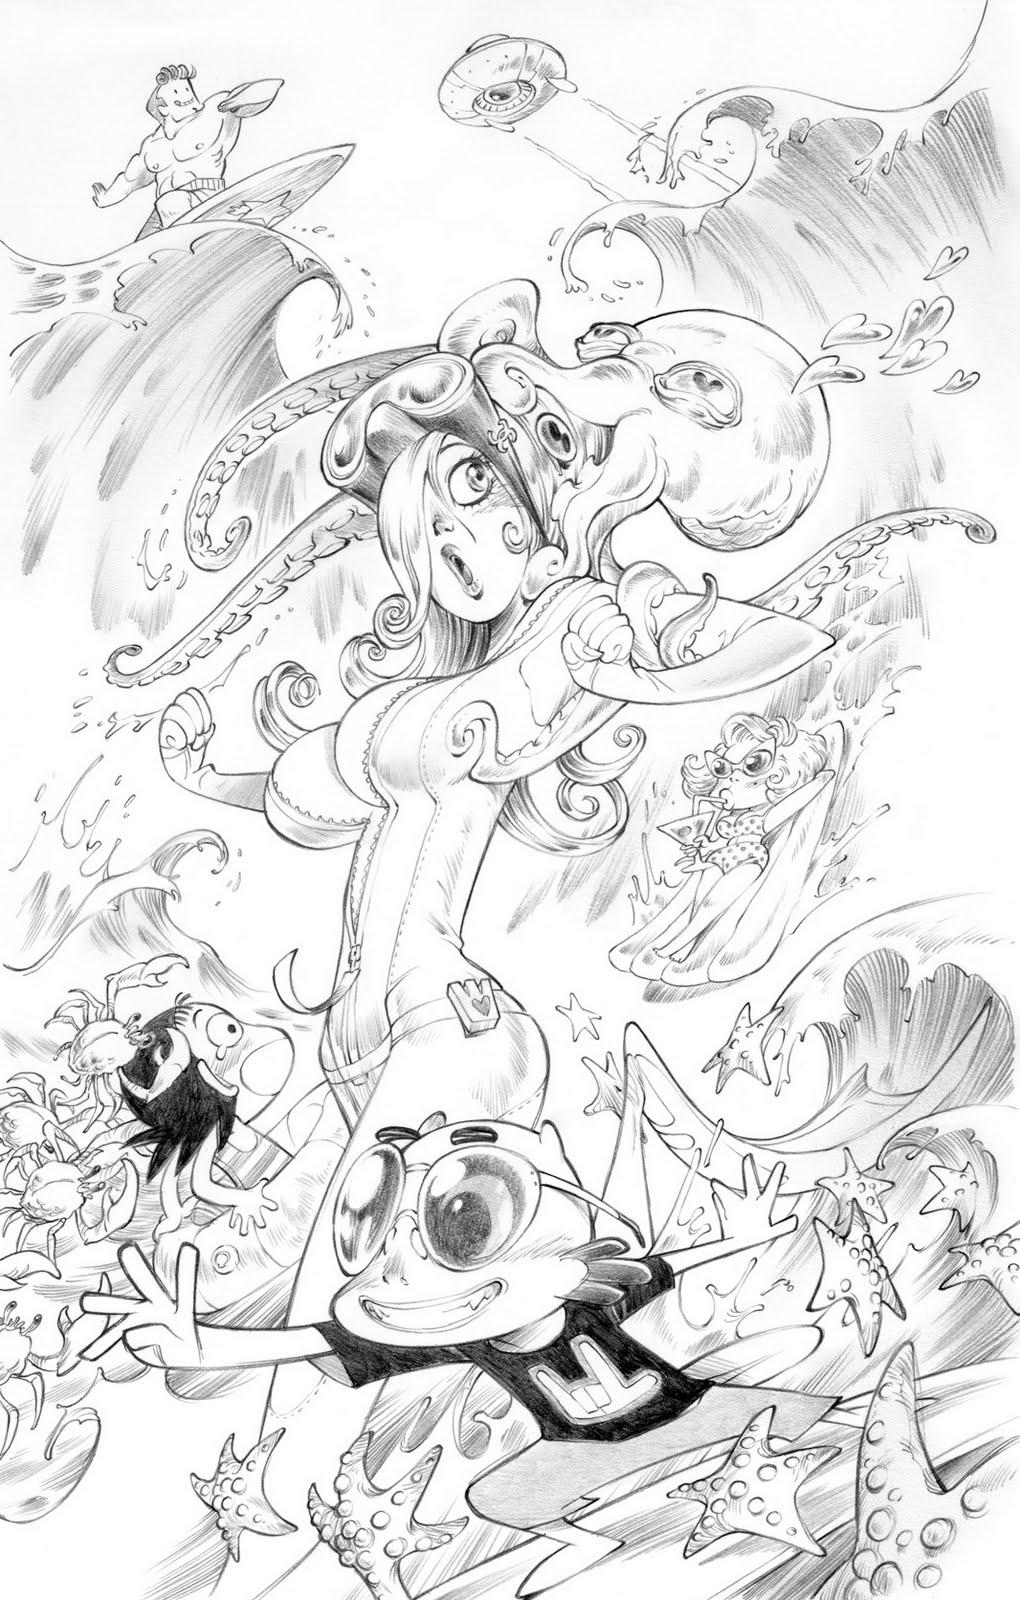 Alessandro barbucci sketches